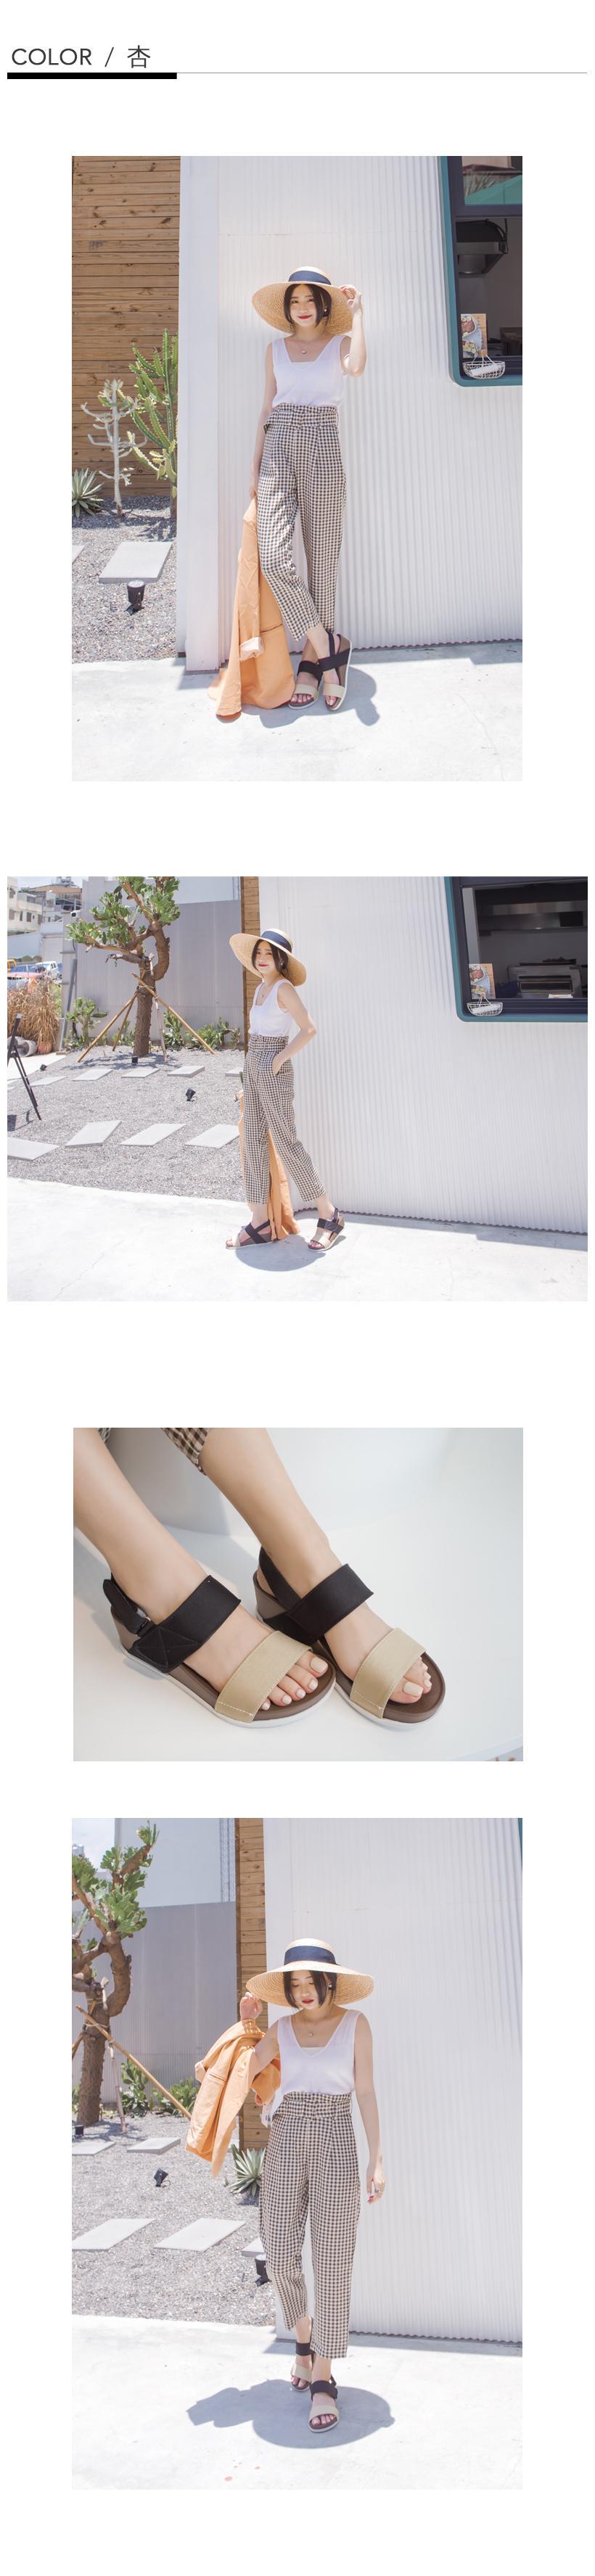 訂製款-防潑水一字撞色楔型涼鞋(杏)-大尺碼